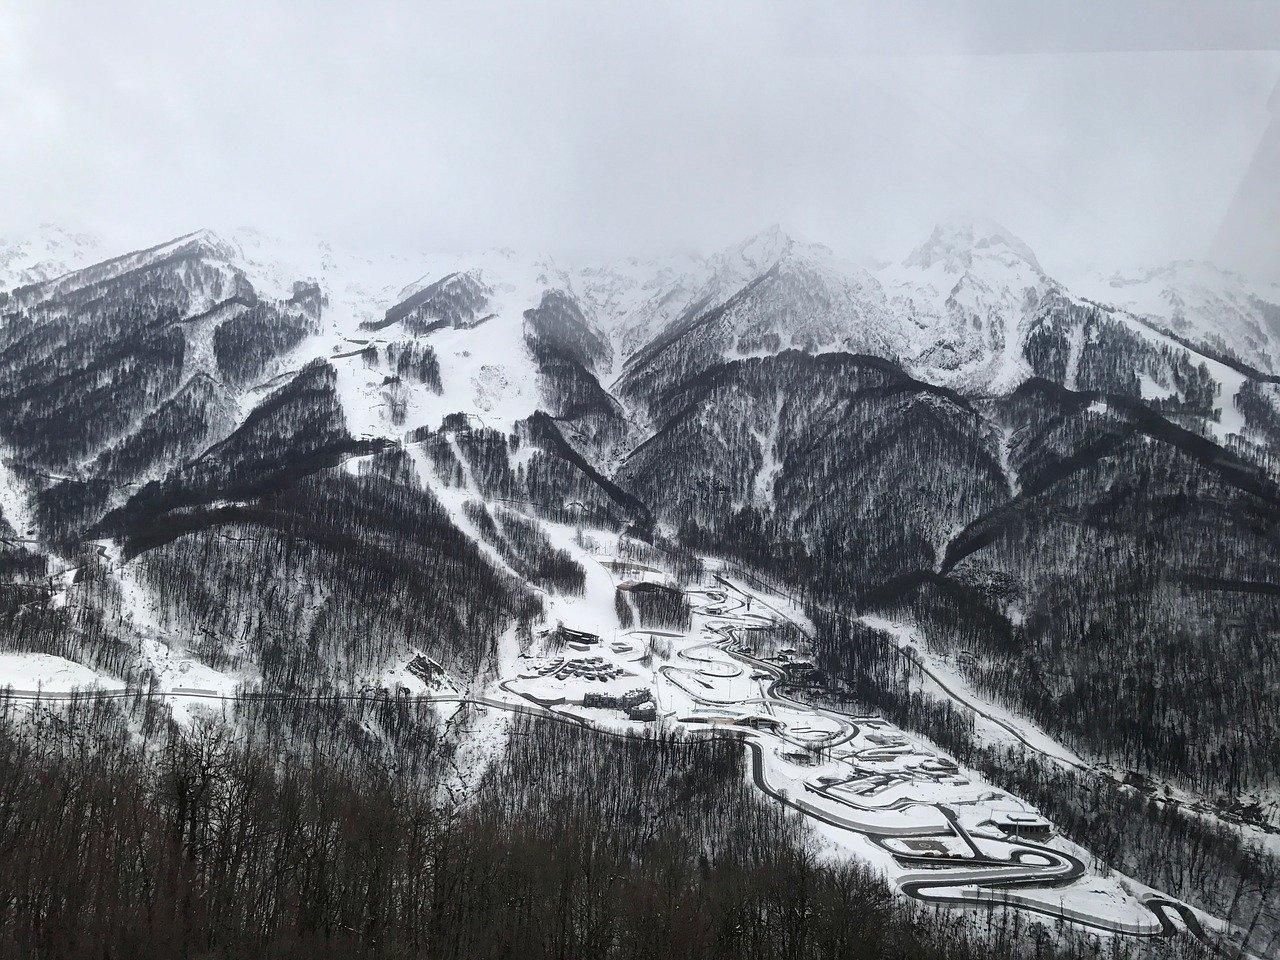 горнолыжный курорт в районе Красной Поляны (Сочи)